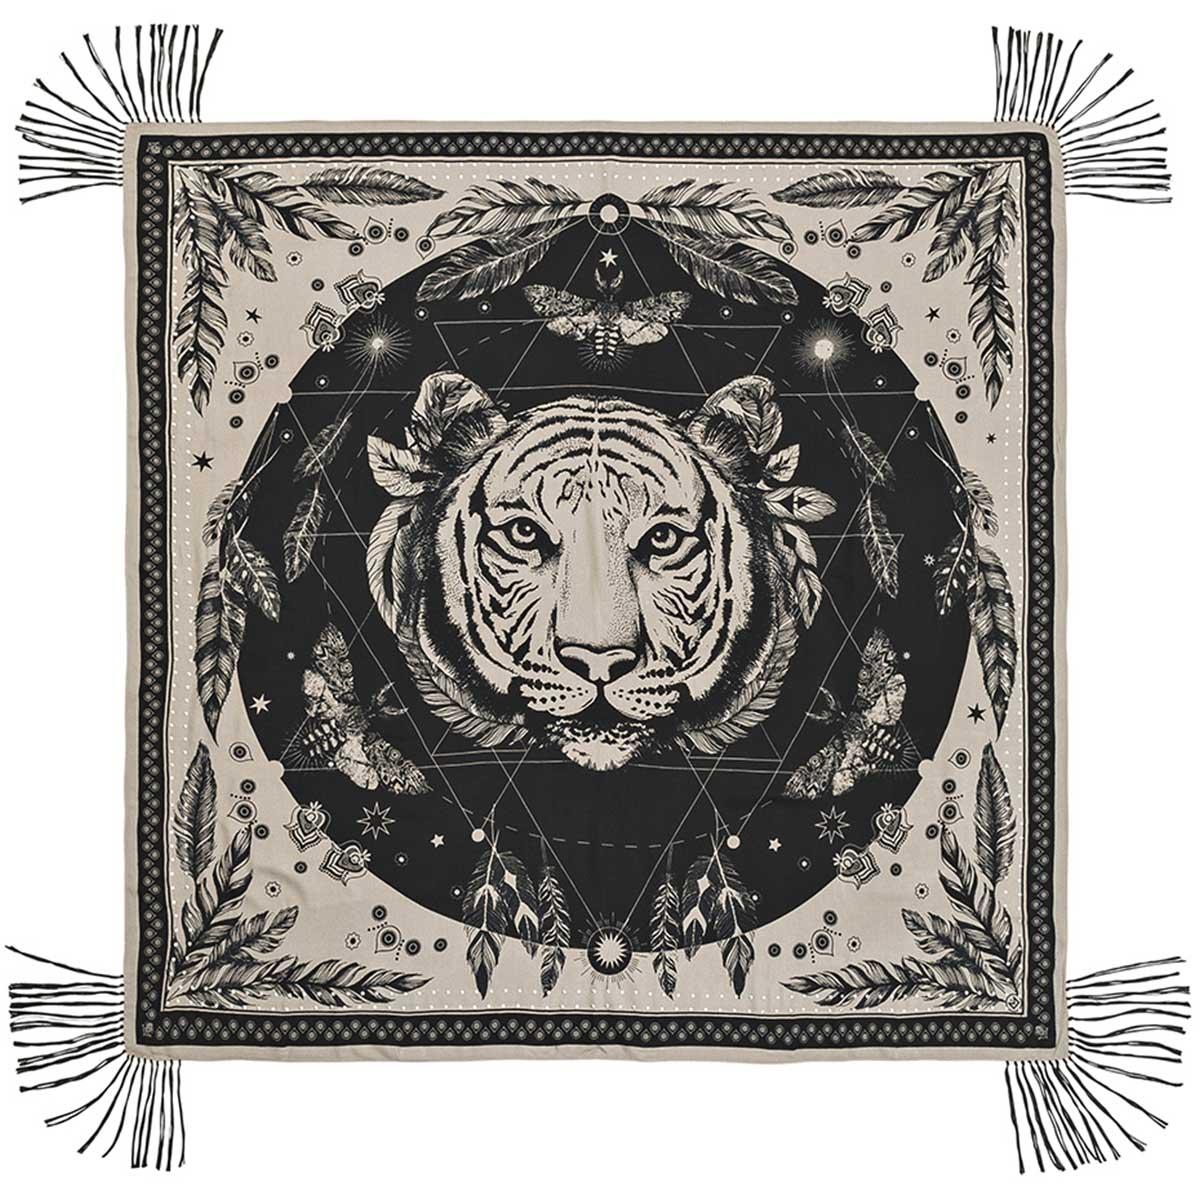 foulard gris taupe frange boh me chic colelction amenapih 2018. Black Bedroom Furniture Sets. Home Design Ideas